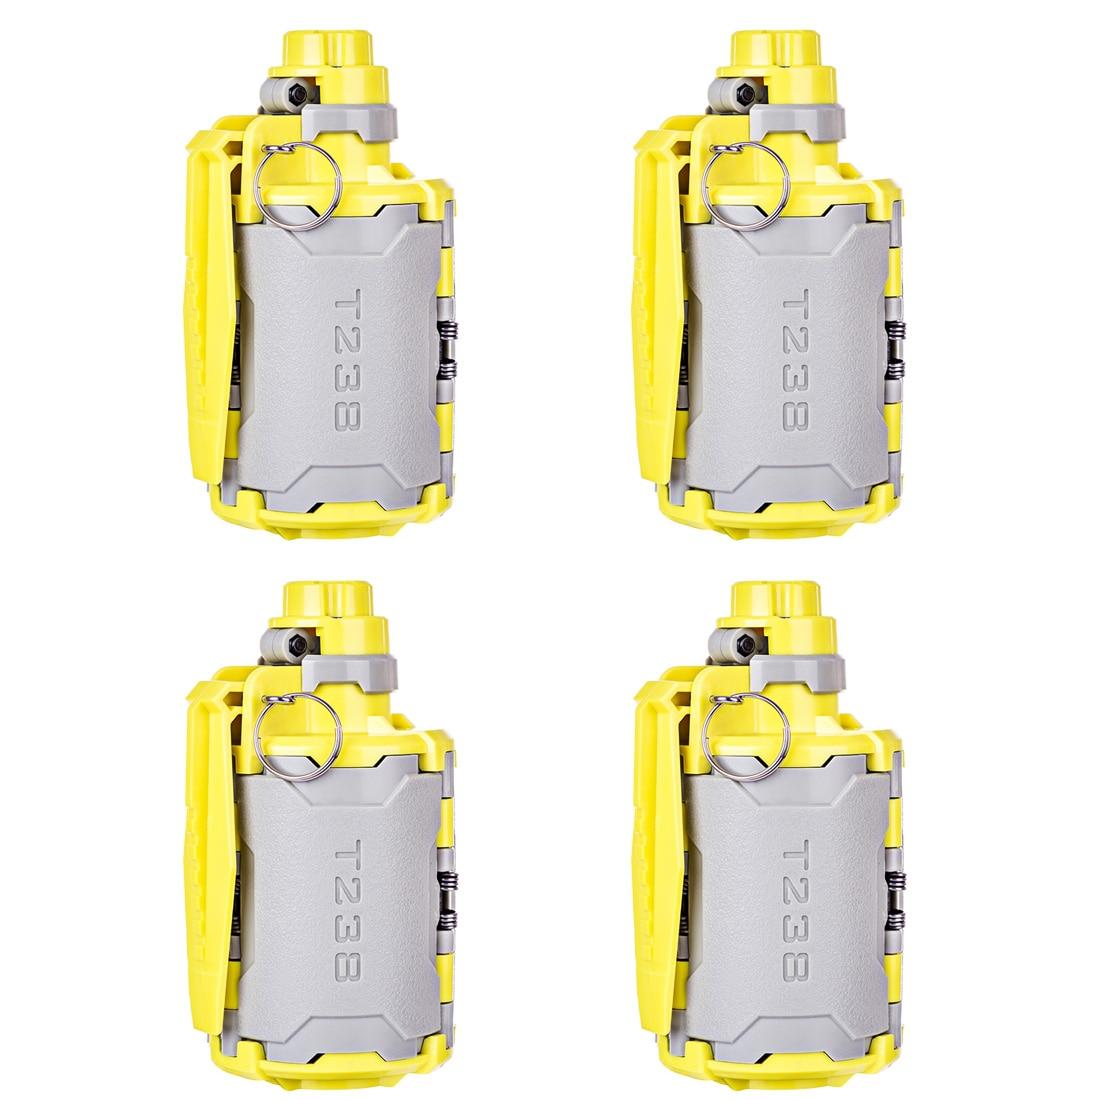 4 pièces Gel boule bombe T238 V2 grande capacité perles d'eau bombe jouet avec fonction temporisée pour Nerf Paintball BBs Airsoft Wargame